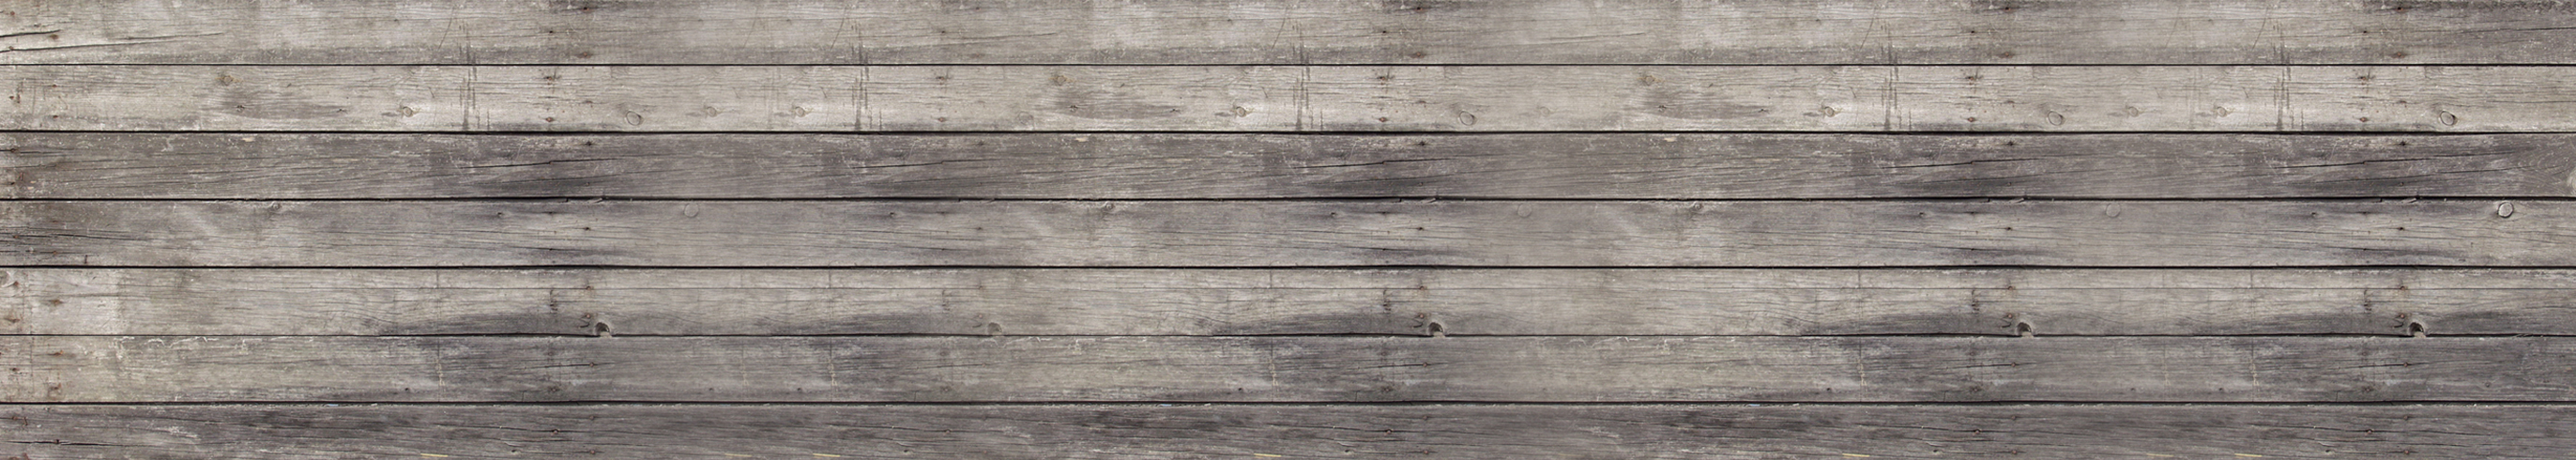 wood_bkg.jpg